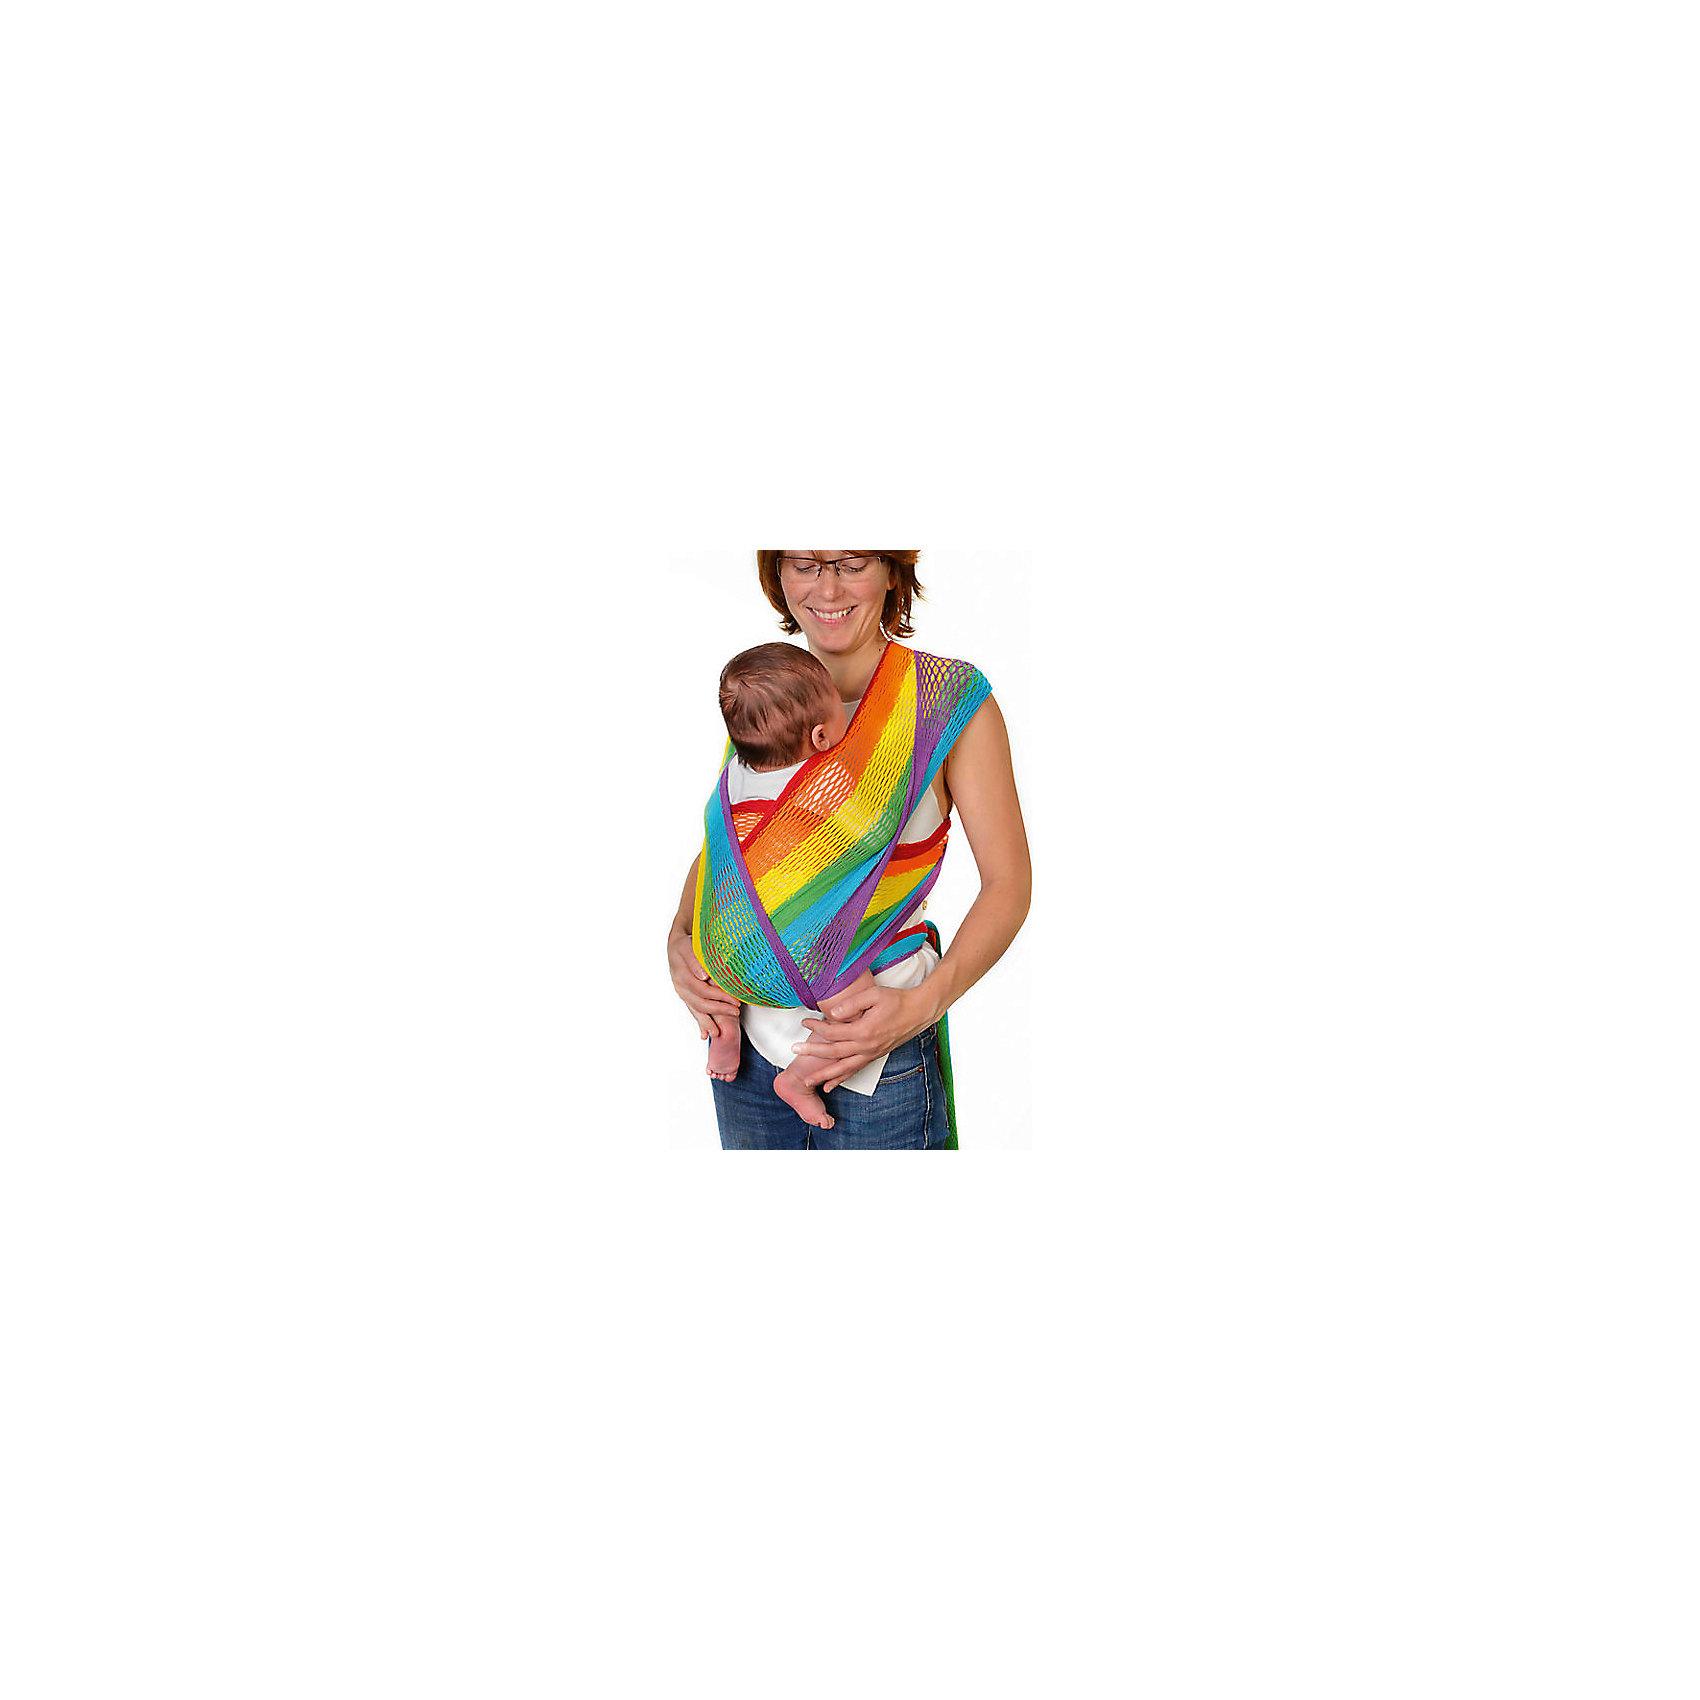 Слинг-шарф из хлопка плетеный размер s-m, Филап, Filt, радугаСлинги и рюкзаки-переноски<br><br><br>Ширина мм: 800<br>Глубина мм: 800<br>Высота мм: 50<br>Вес г: 500<br>Возраст от месяцев: 0<br>Возраст до месяцев: 12<br>Пол: Унисекс<br>Возраст: Детский<br>SKU: 5445104